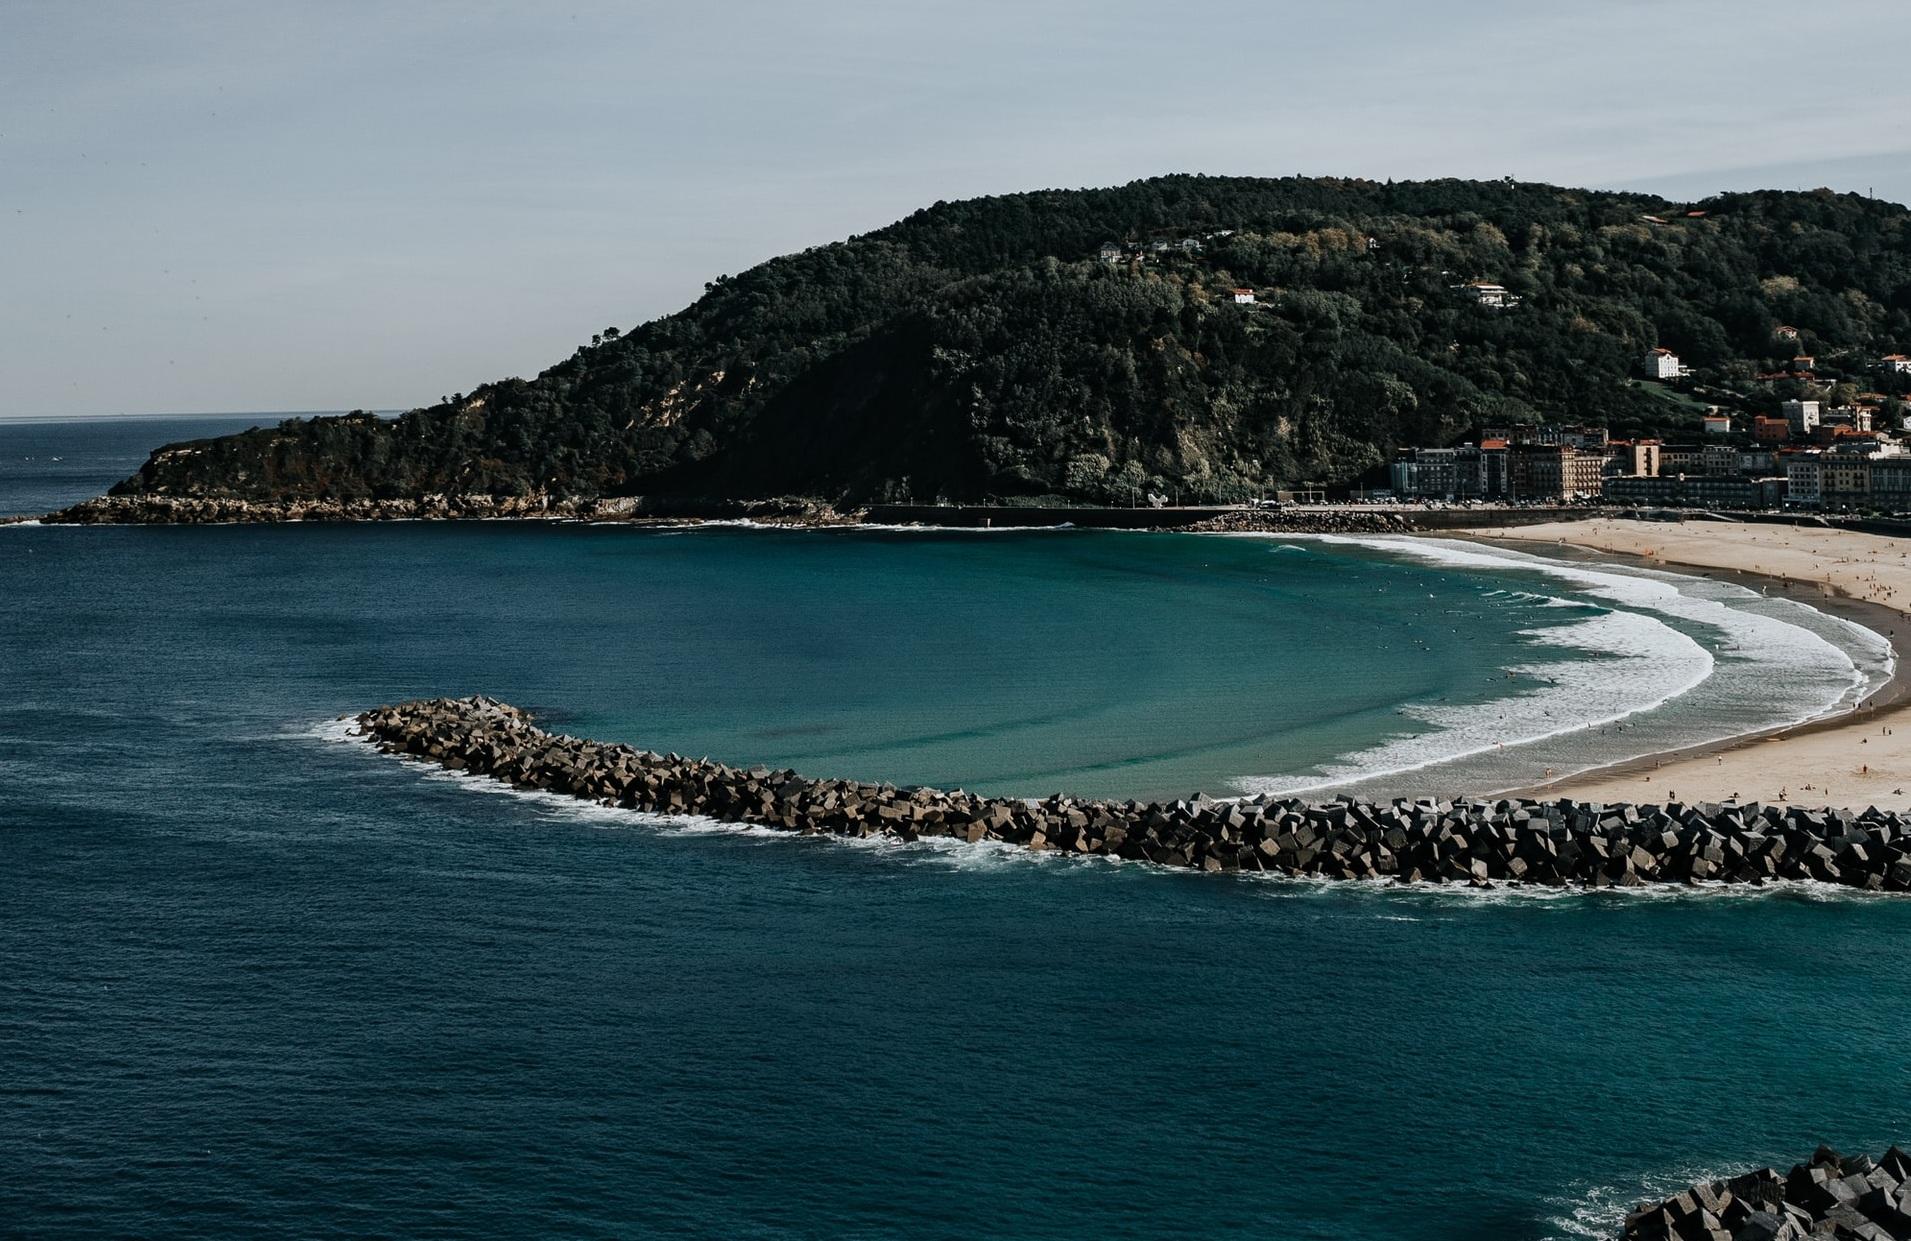 ¿Dónde hacer surf en España? La Zurriola, Donosti